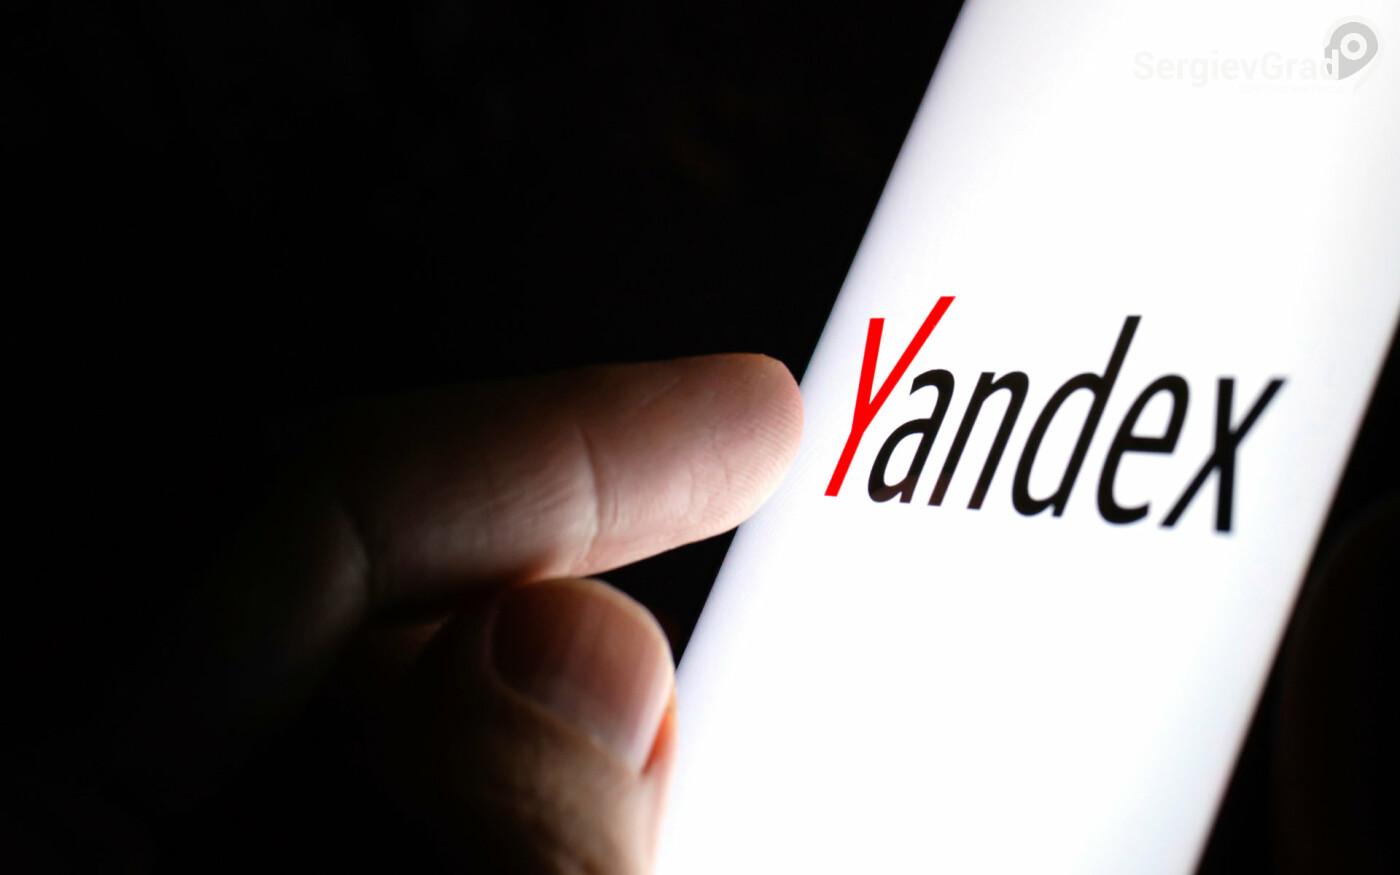 Яндекс создаст приложение для безналичной оплаты Yandex Pay